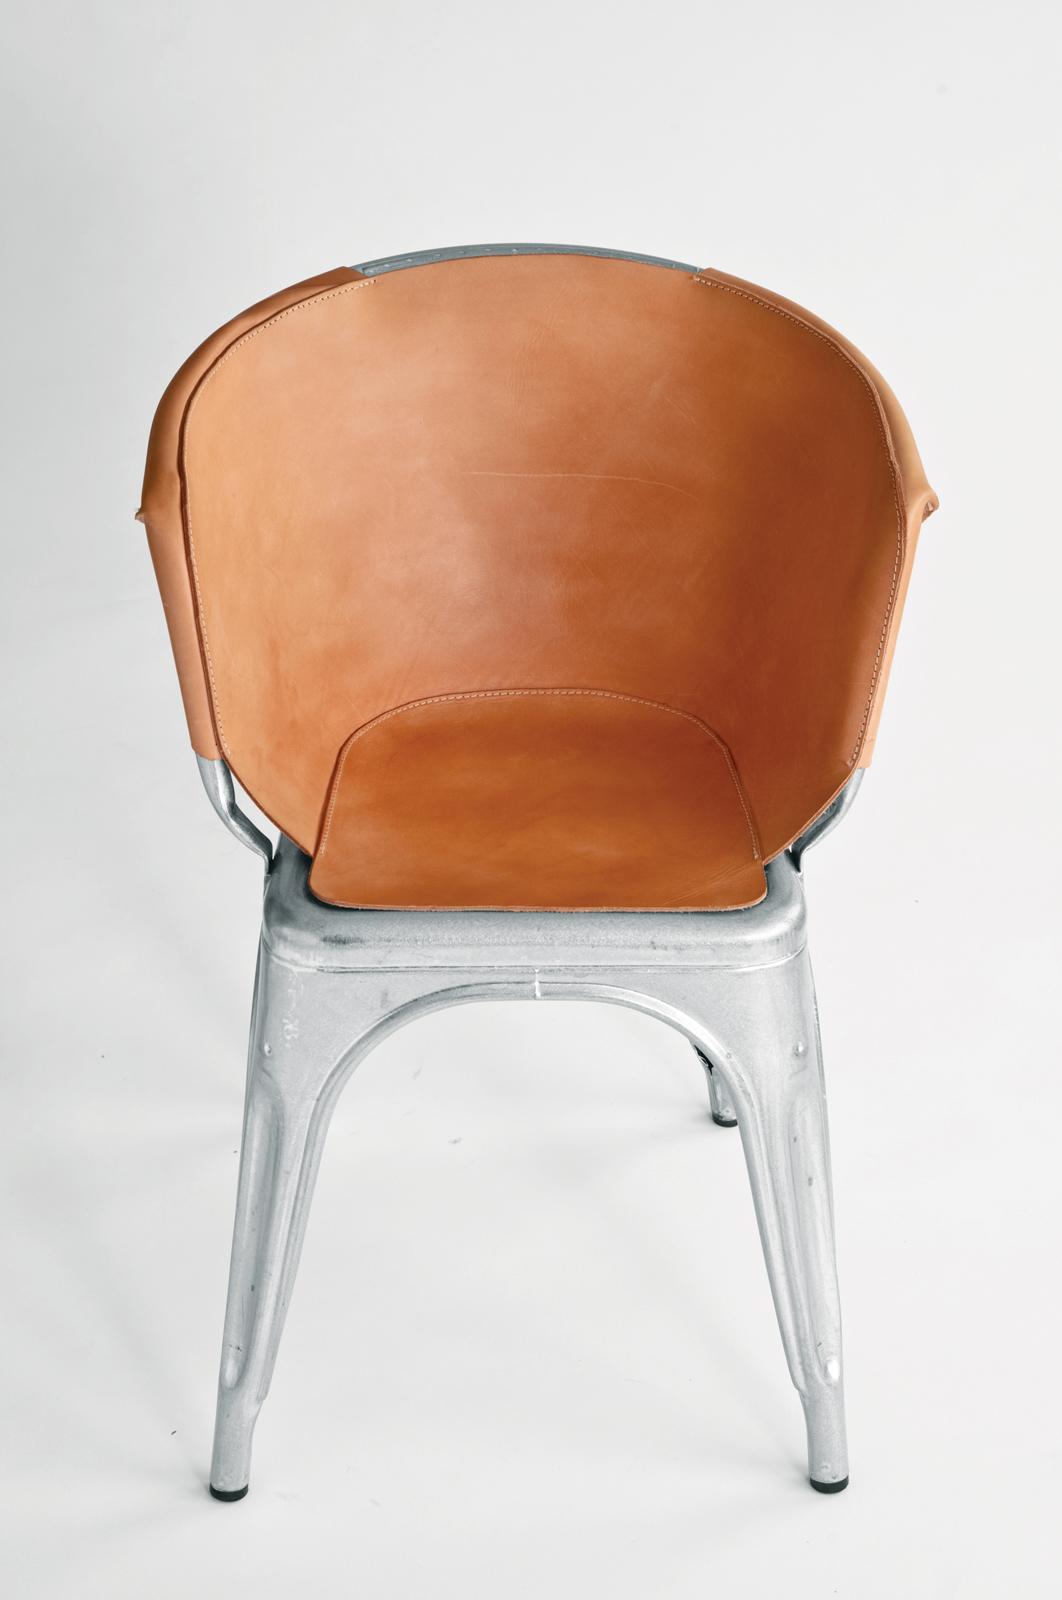 chaise Tolix avec couverture en cuir par Henry Wilson